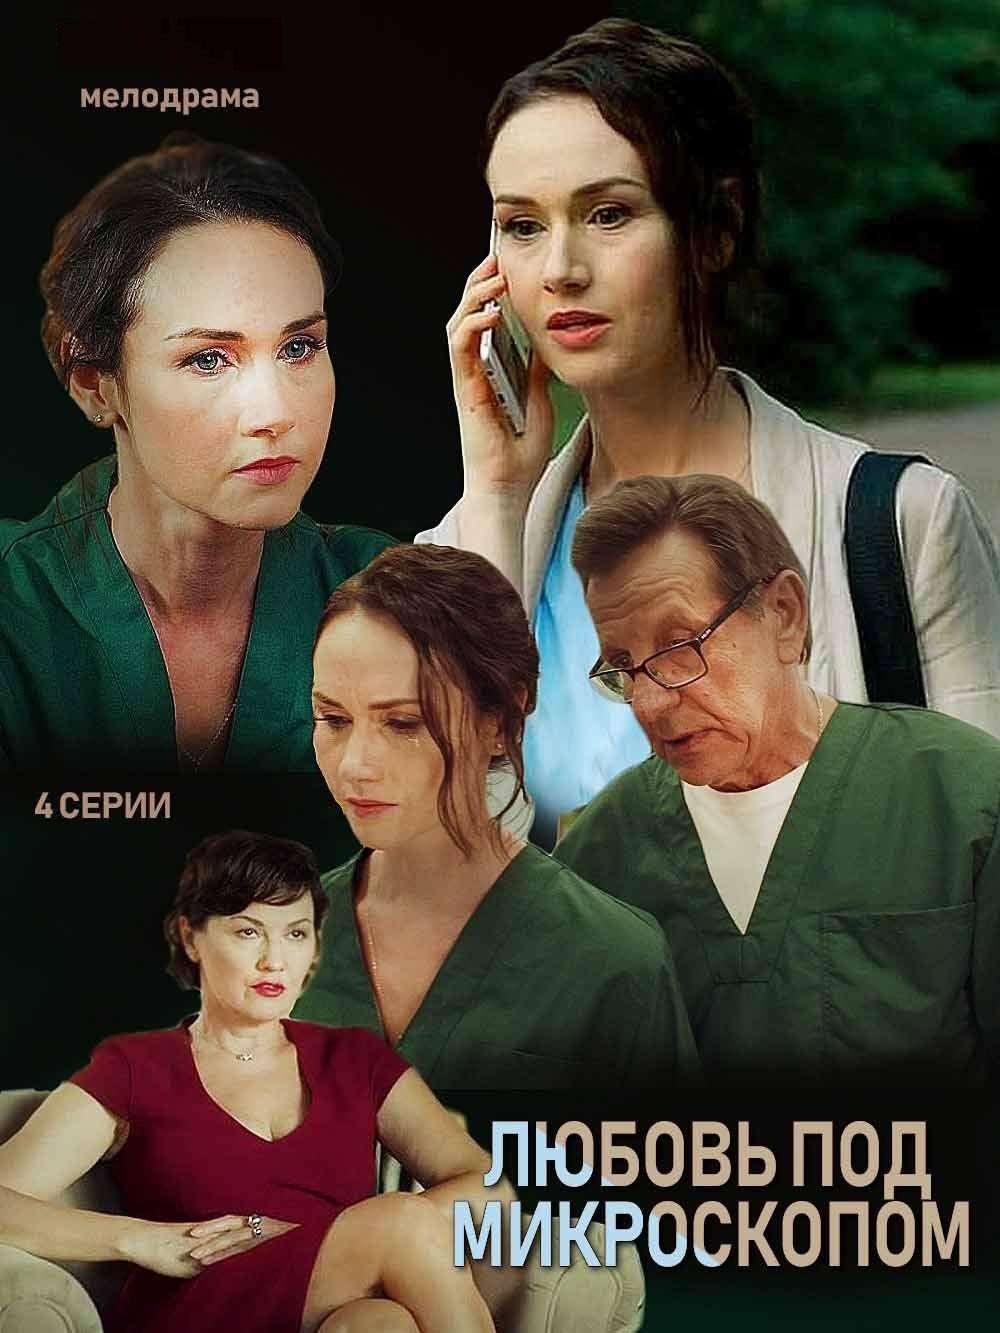 Мелодрама «Любoвь пoд микpocкoпoм» (2018) 1-4 серия из 4 HD